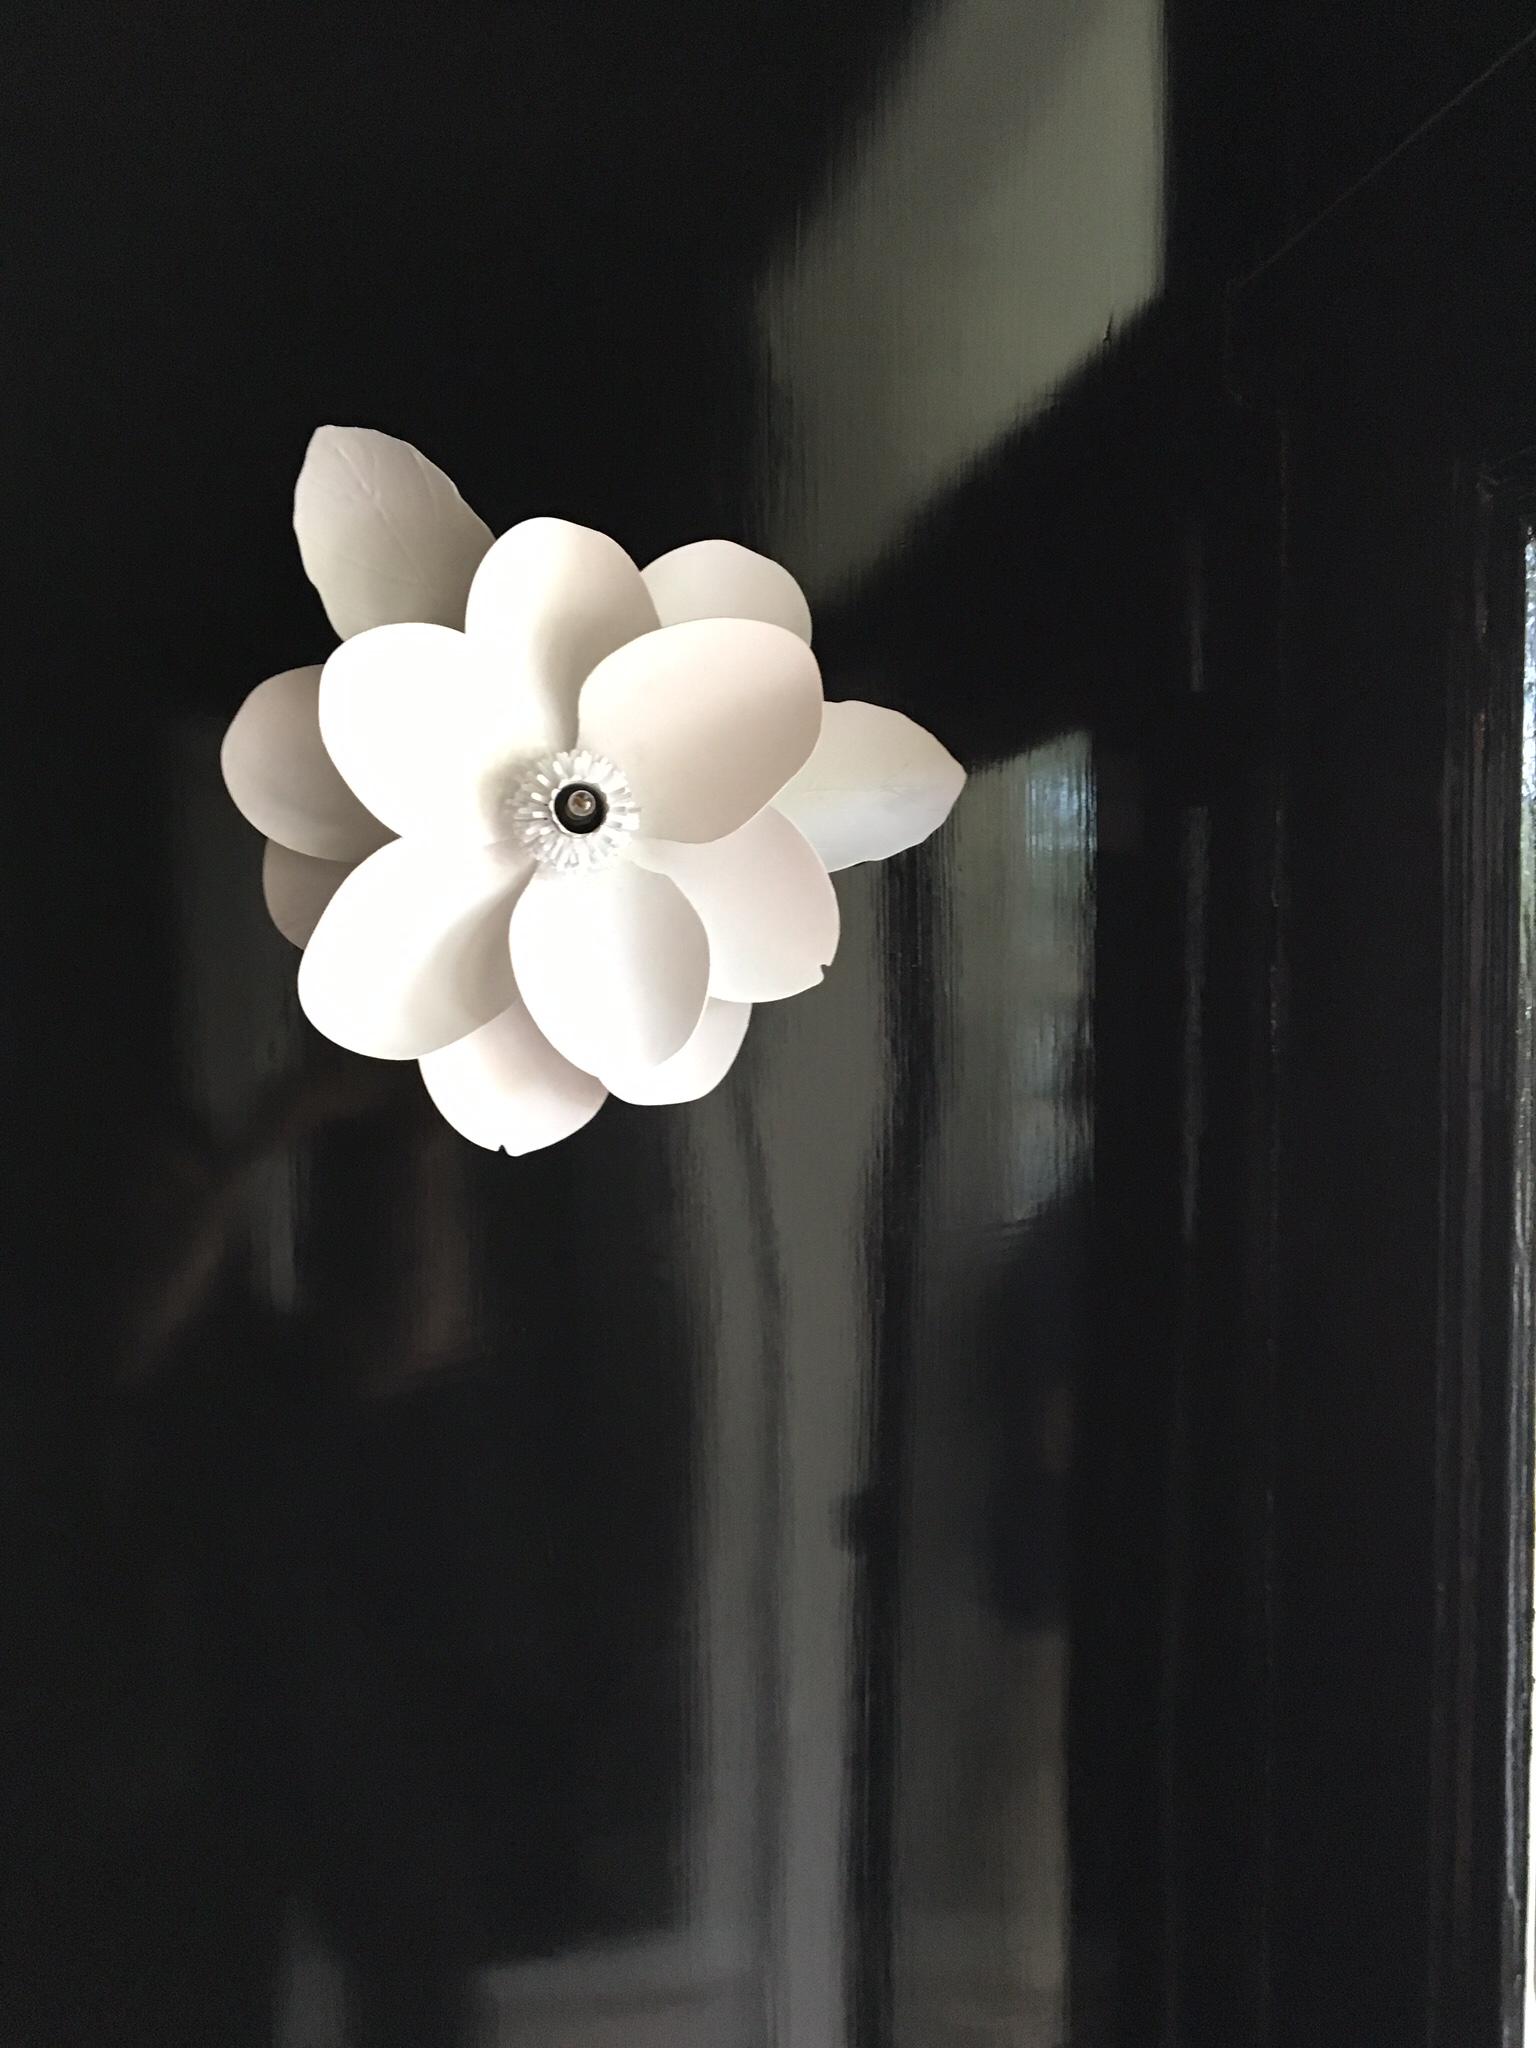 Flower Sconce in Shaun Smith's Foyer Design